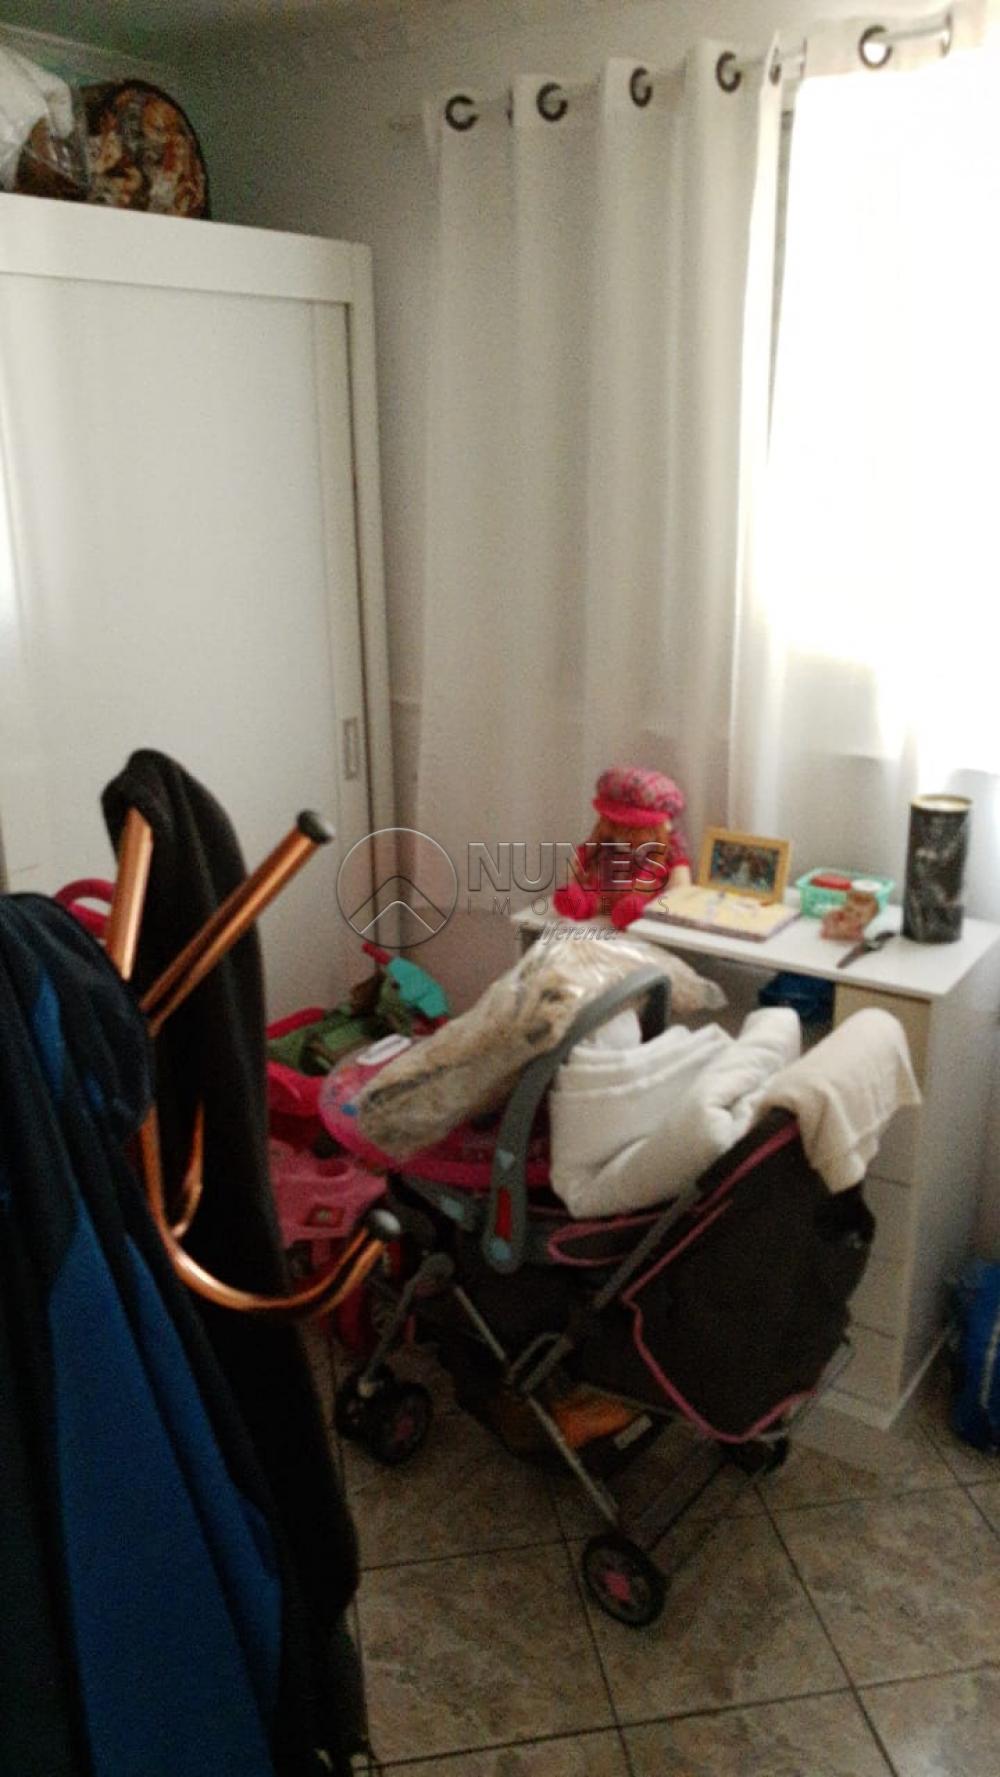 Comprar Apartamento / Padrão em Osasco apenas R$ 240.000,00 - Foto 8